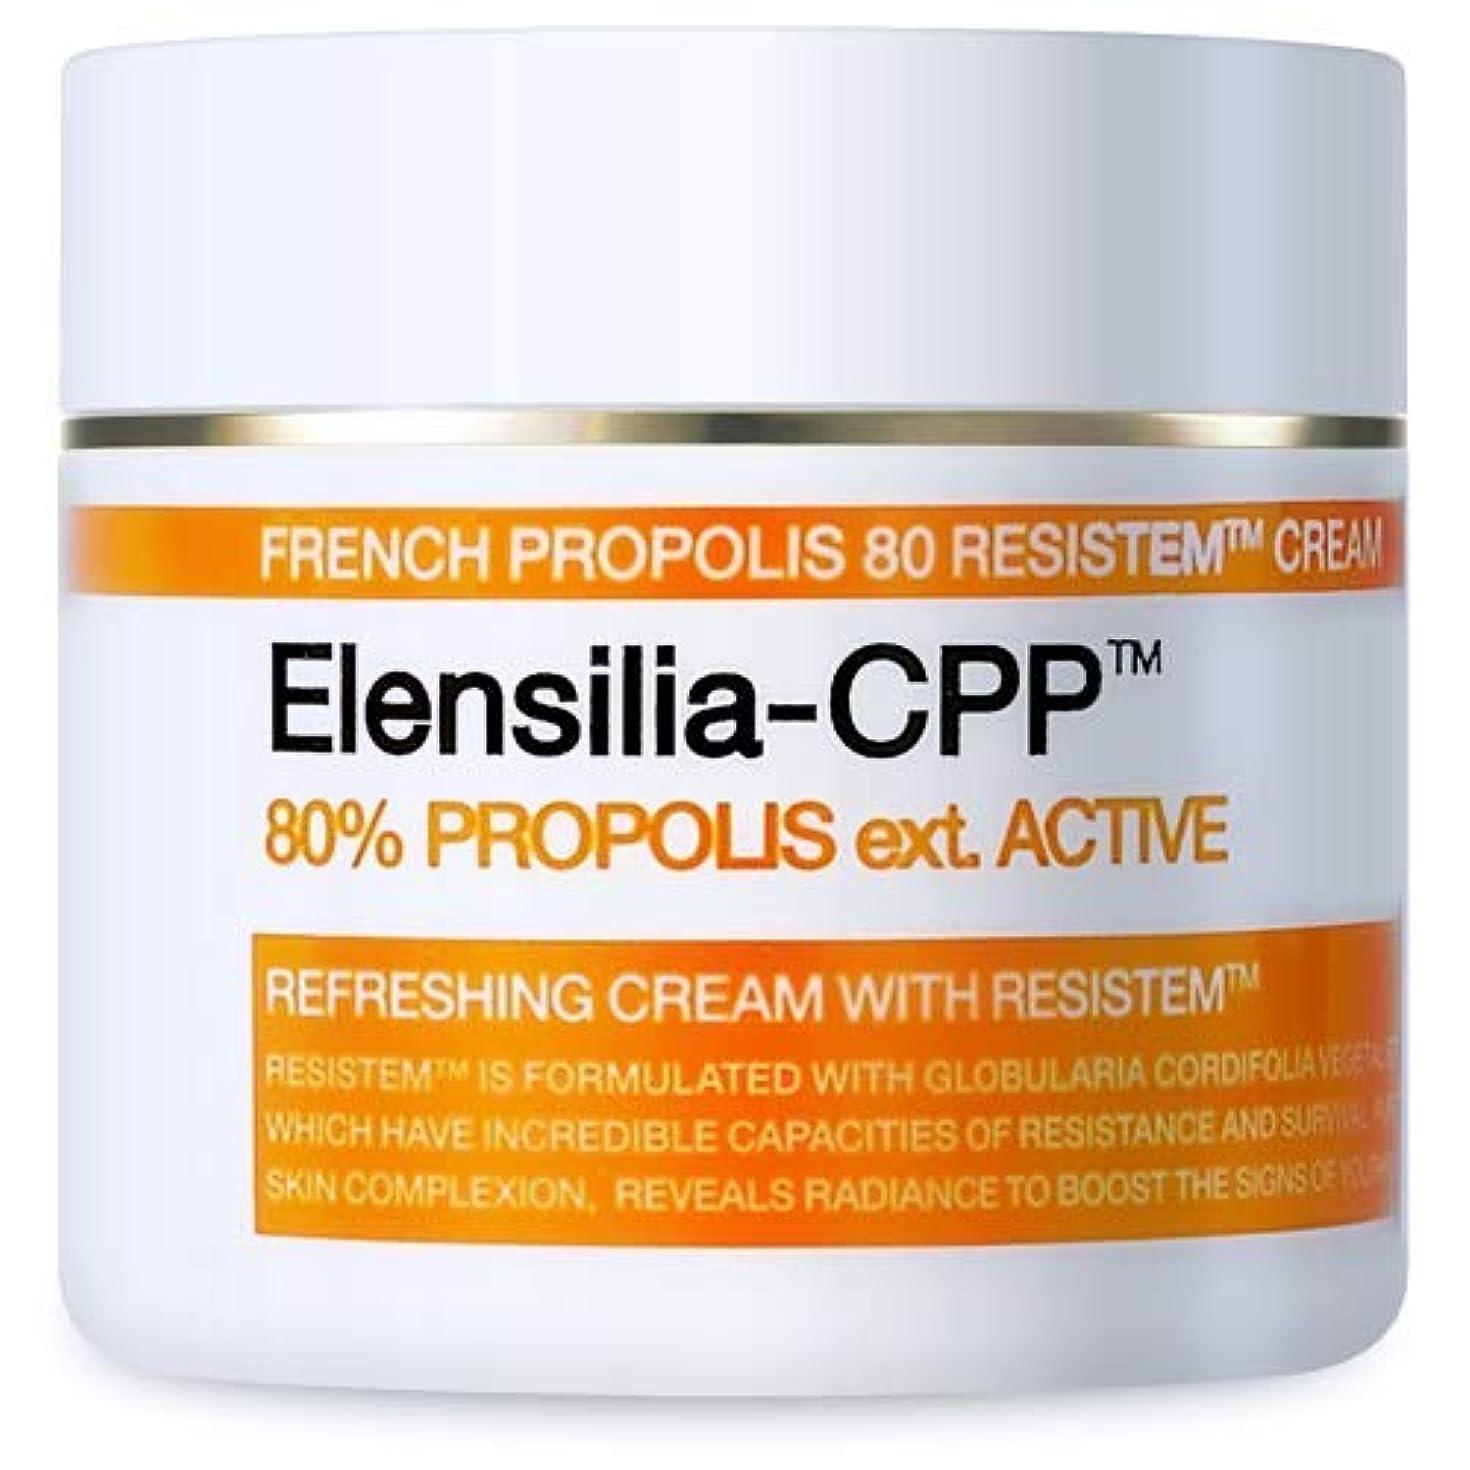 神聖しゃがむきつくElensilia CPP フレンチ プロポリス 80 リシステム クリーム / CPP French Propolis 80 Resistem Cream (50g) [並行輸入品]